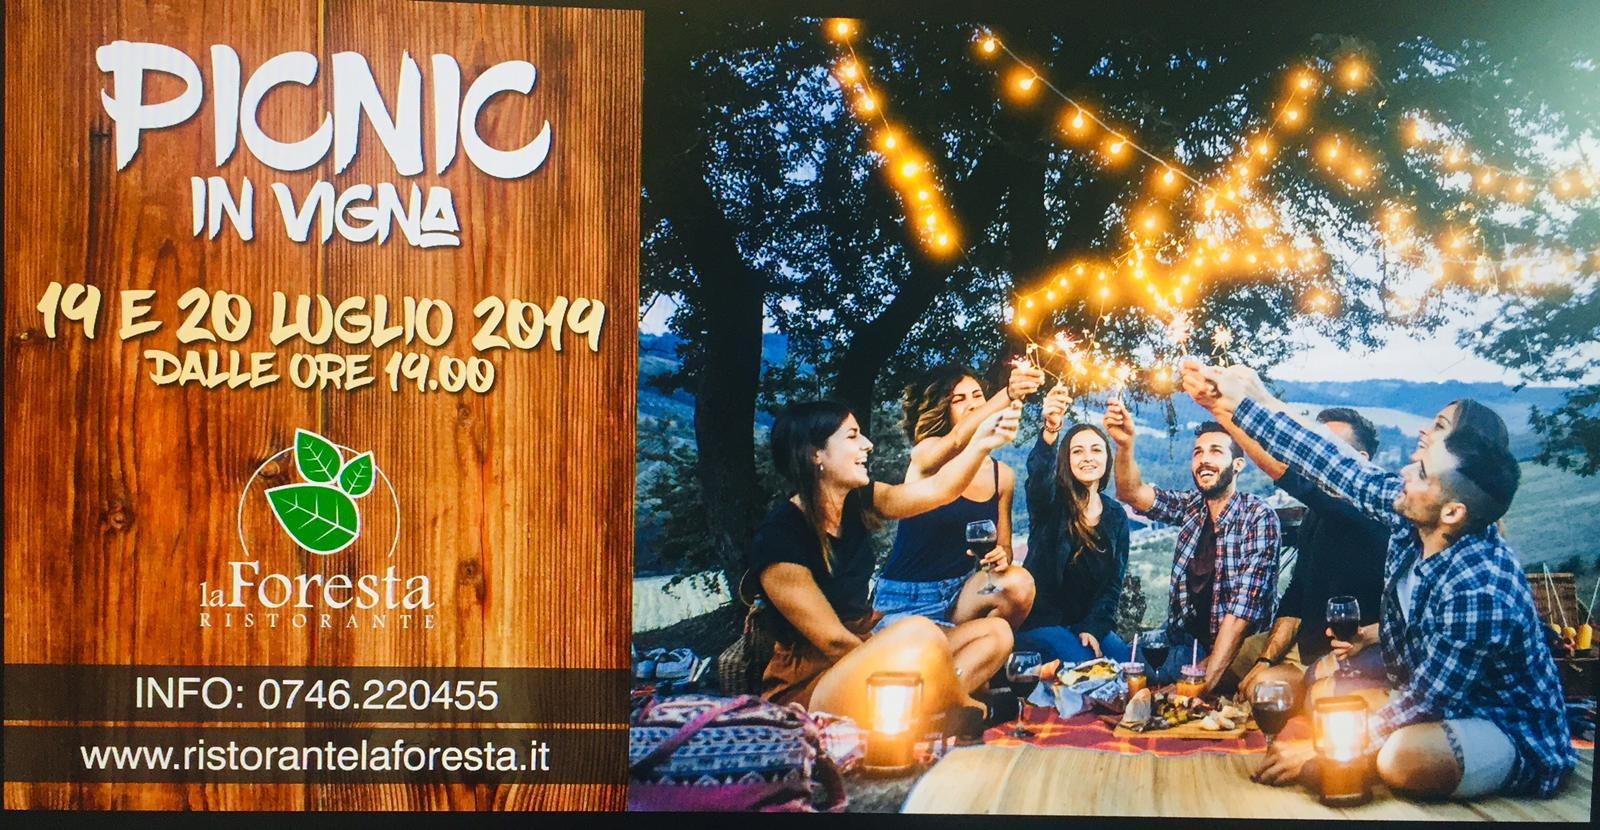 Cantina Le Macchie Picnic in Vigna 2019